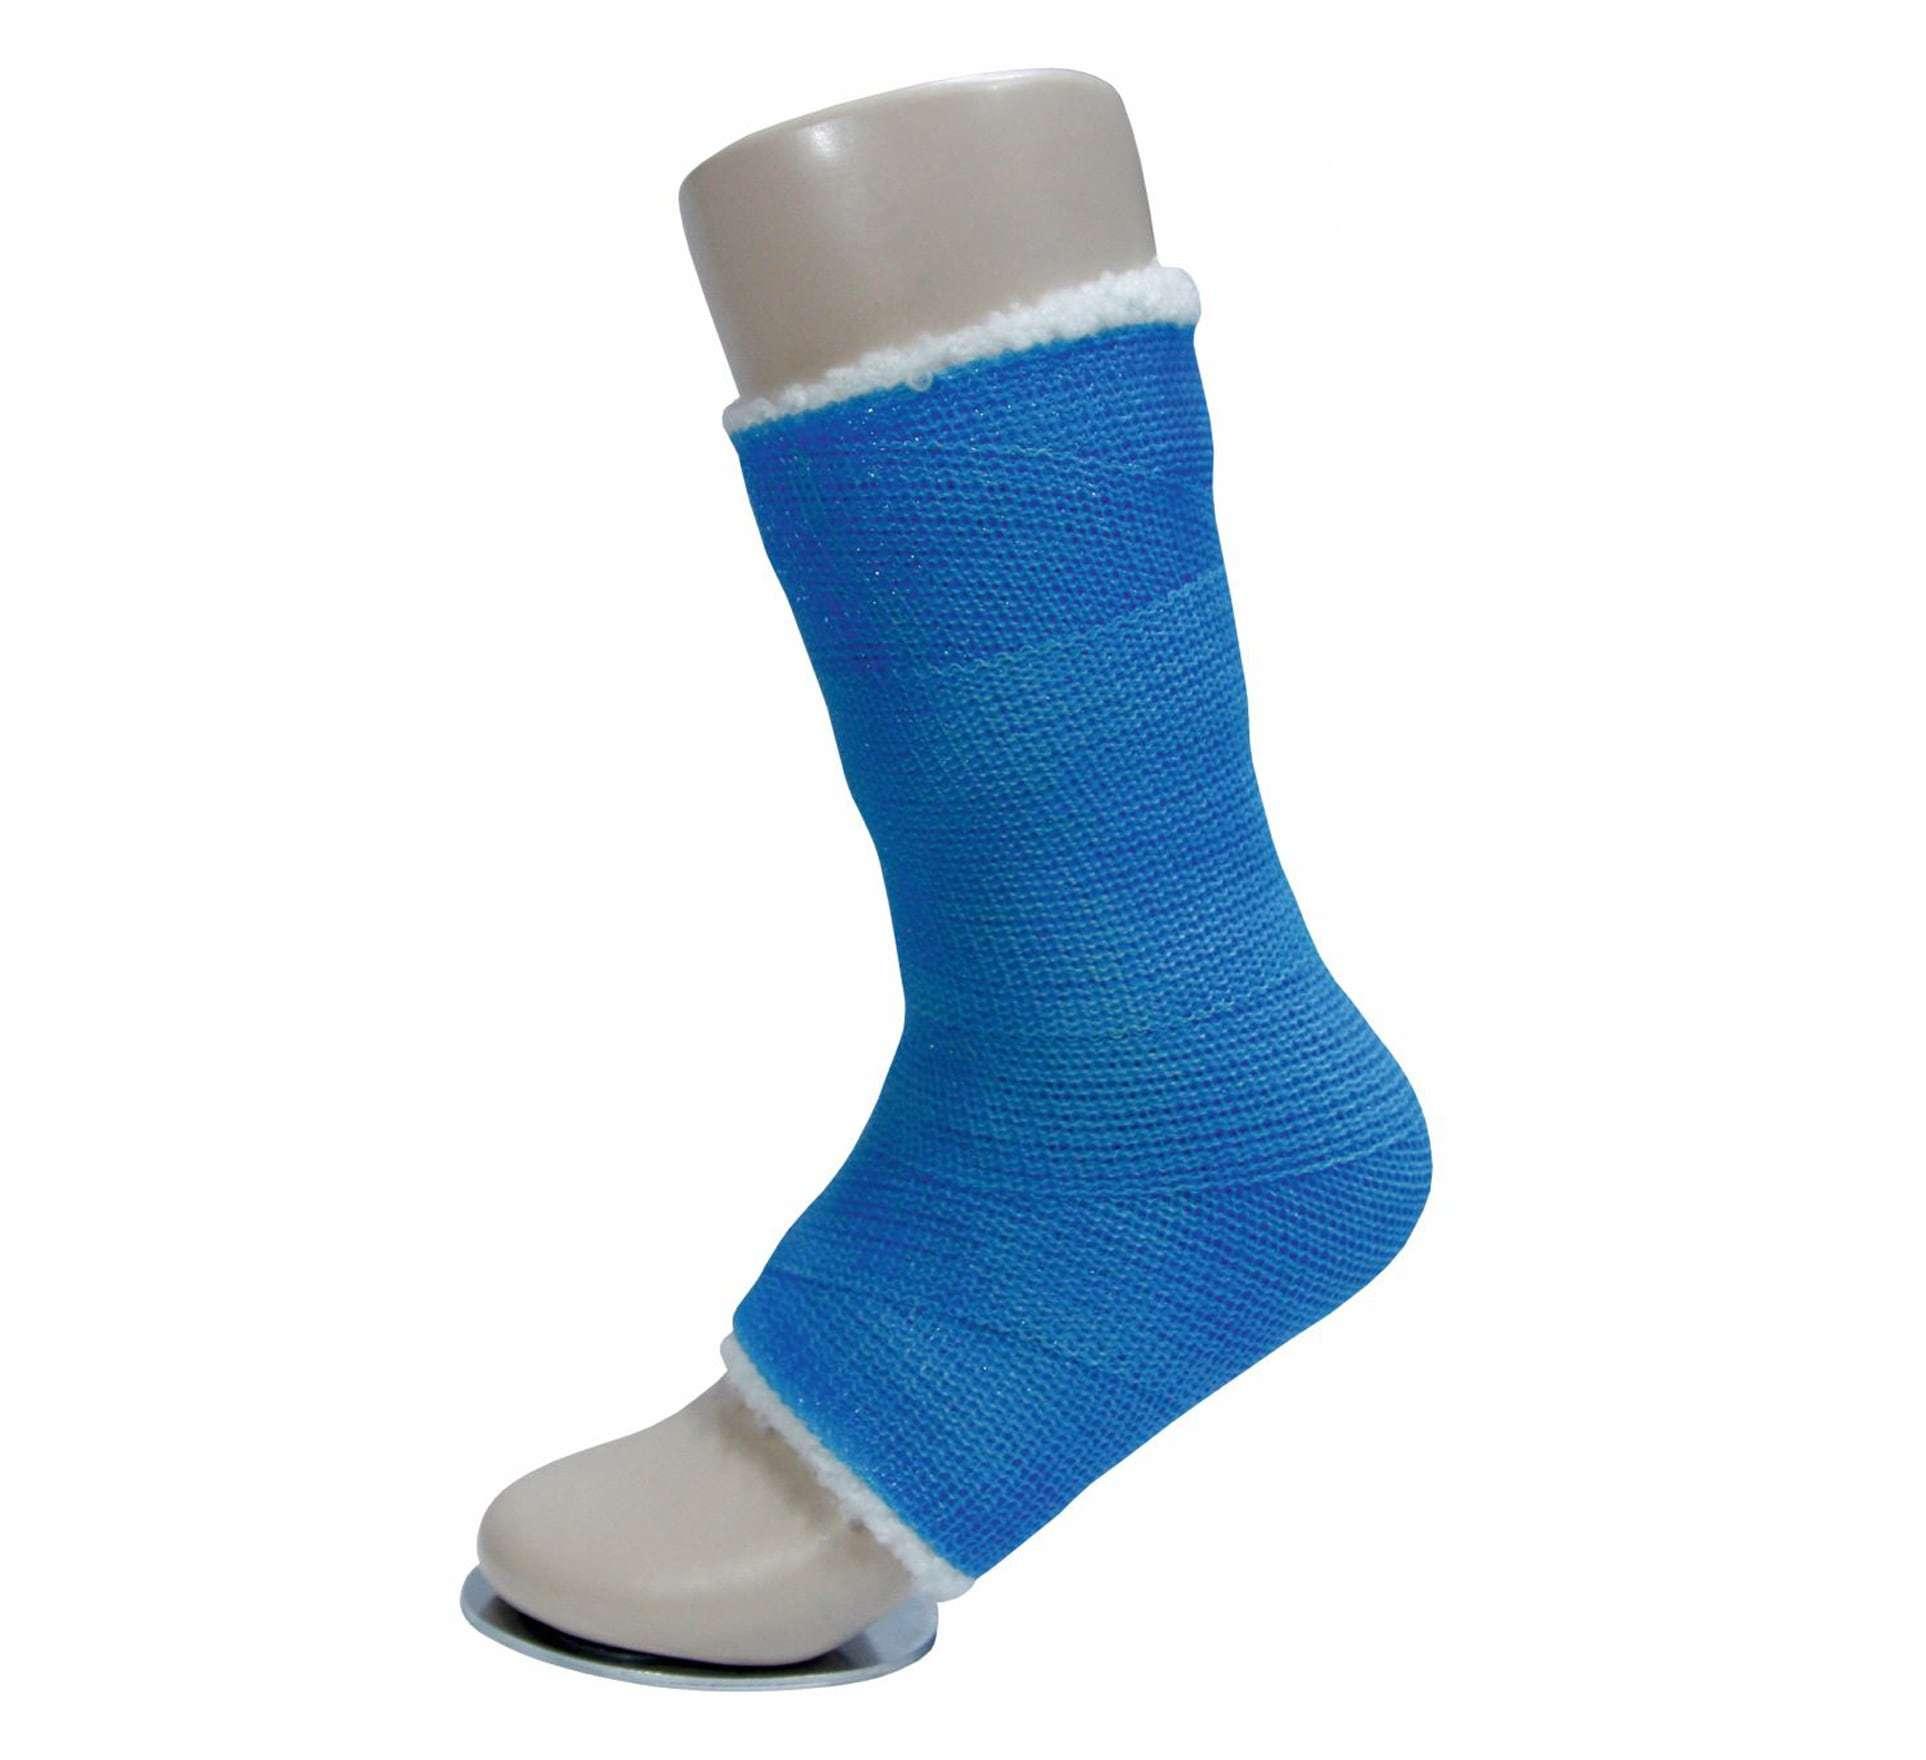 Бинт полимерный Интрарич Каст жесткой фиксации 10см x 3,6м (голубой)